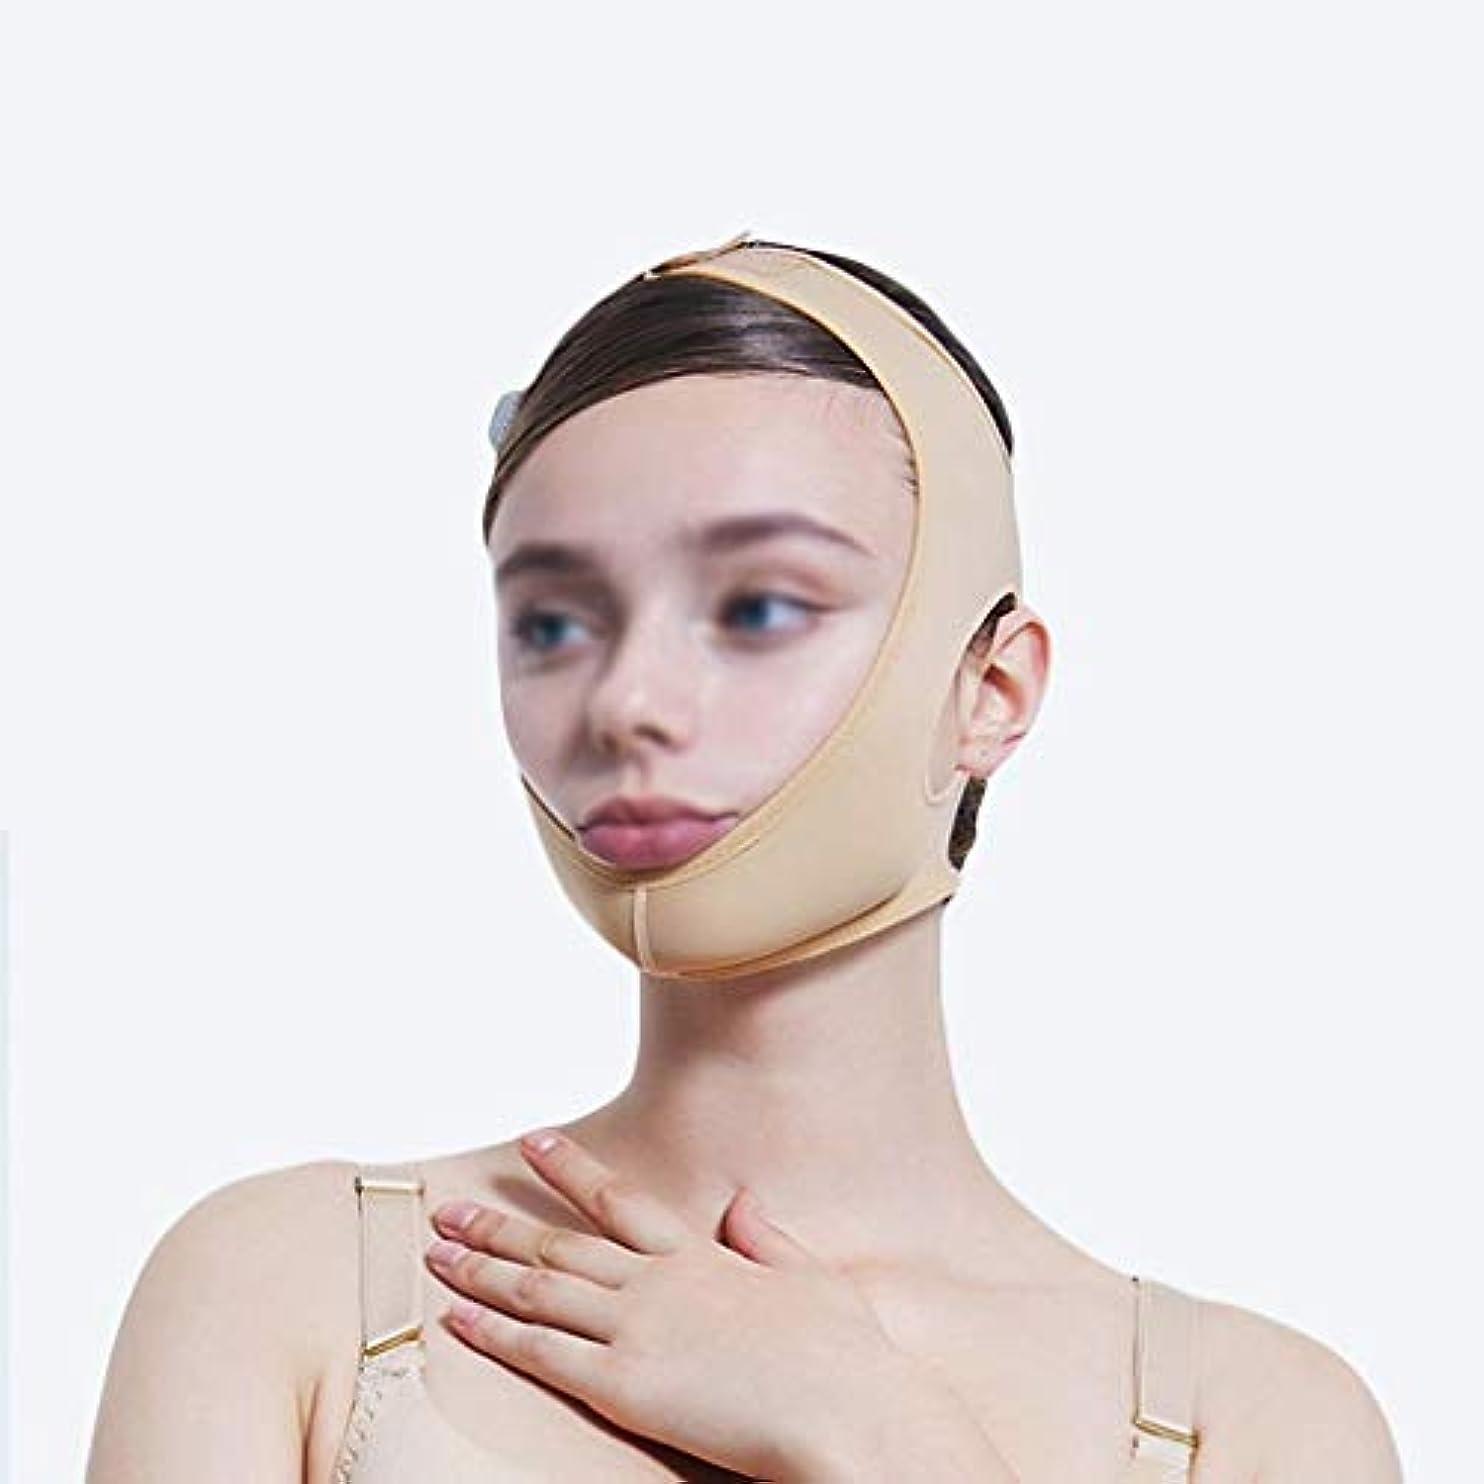 ガイダンスフィルタ本当のことを言うとフェイシャルライン、頬、しわ防止フェイシャル減量、フェイスバンド、フェイスマスク、フェイスリフティング、通気性、ダブルチンストラップ(サイズ:XXL),S